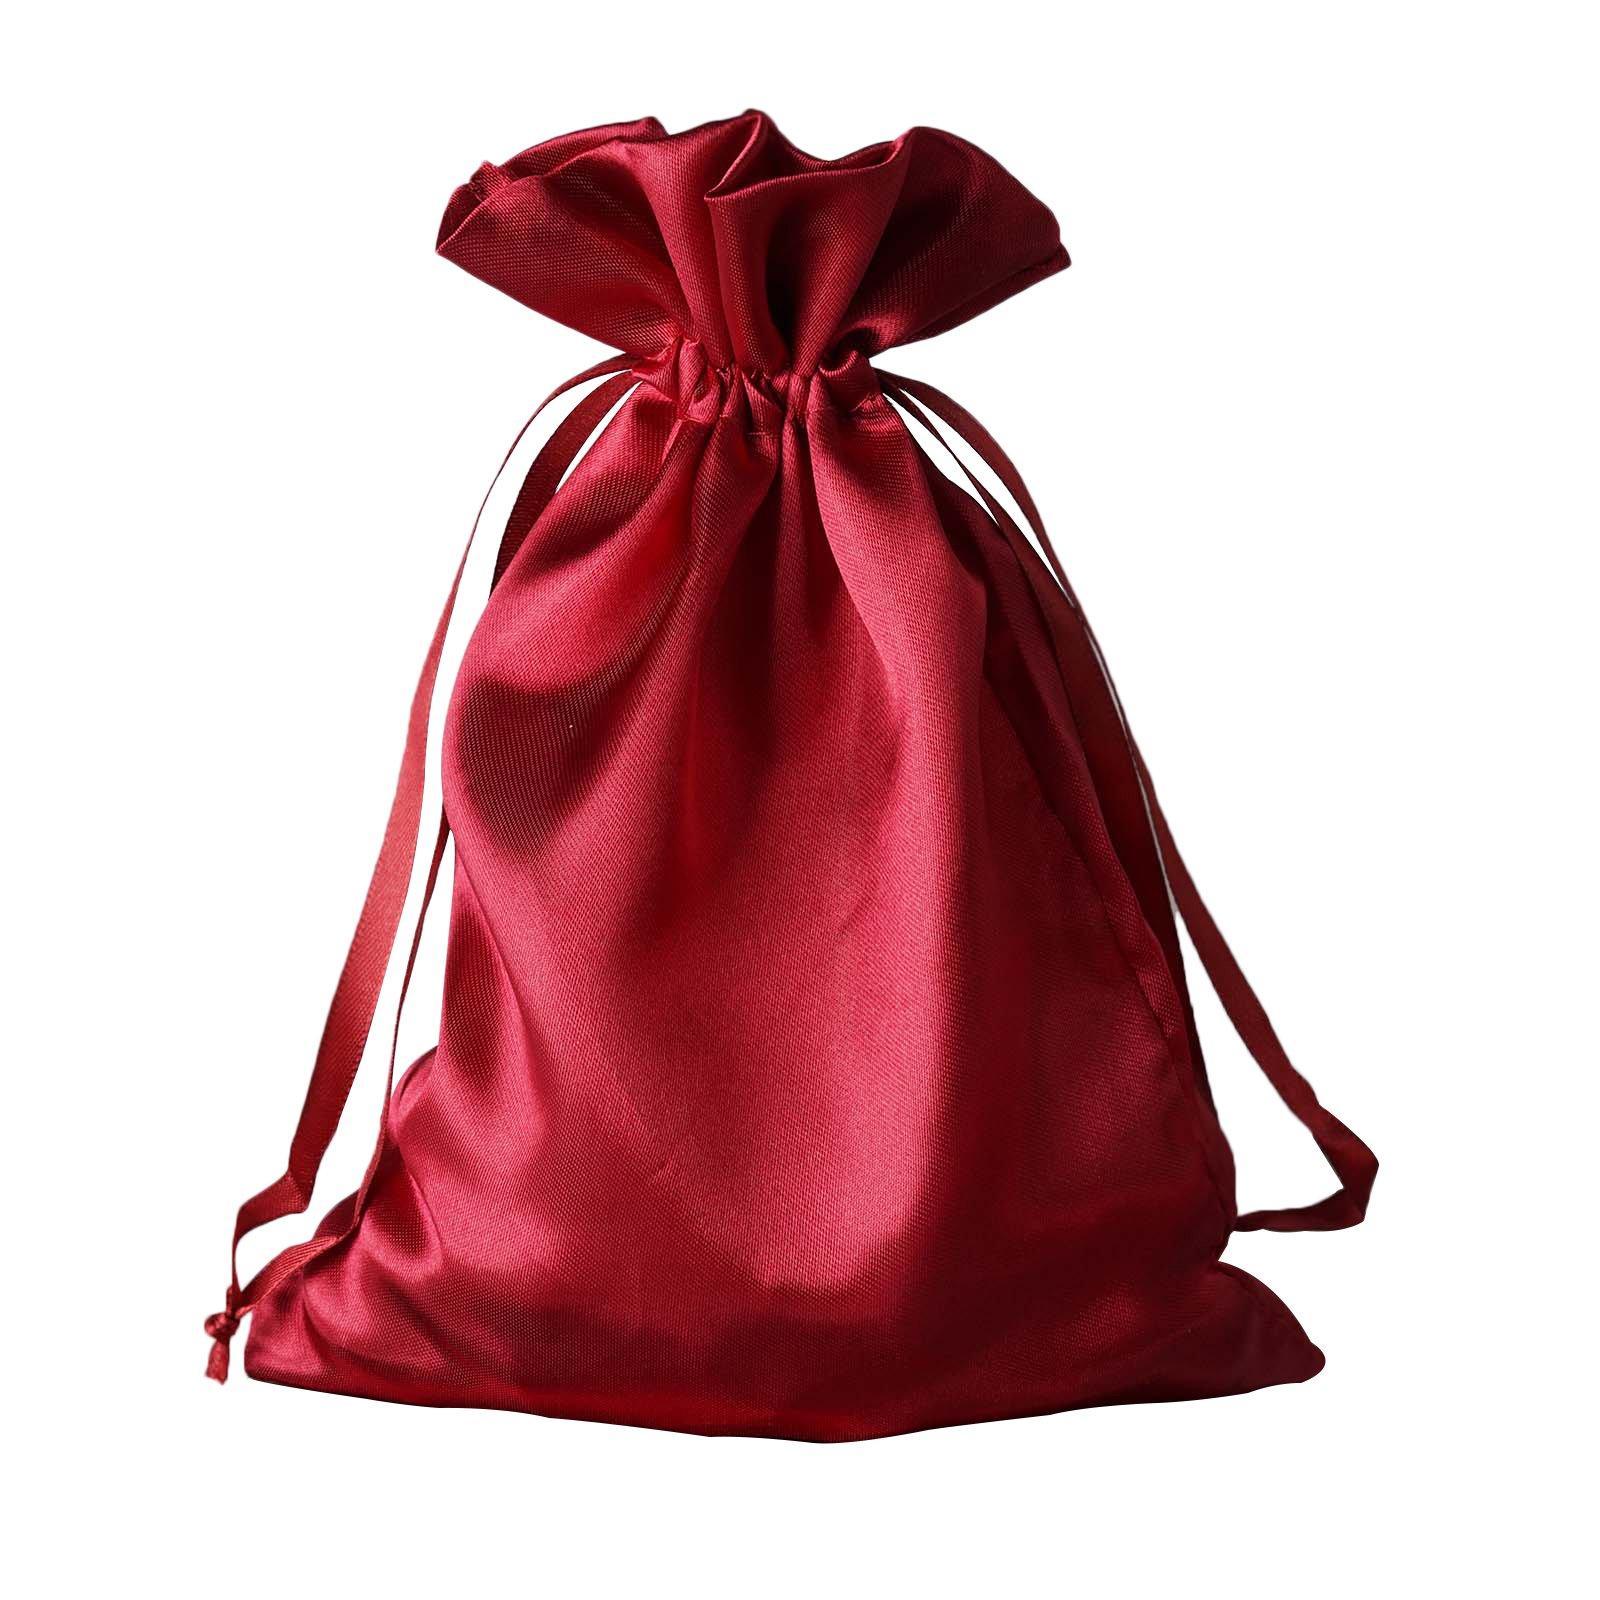 """60 pcs 6x9/"""" SATIN FAVOR BAGS Wedding Party Reception Gift Favors WHOLESALE Bulk"""